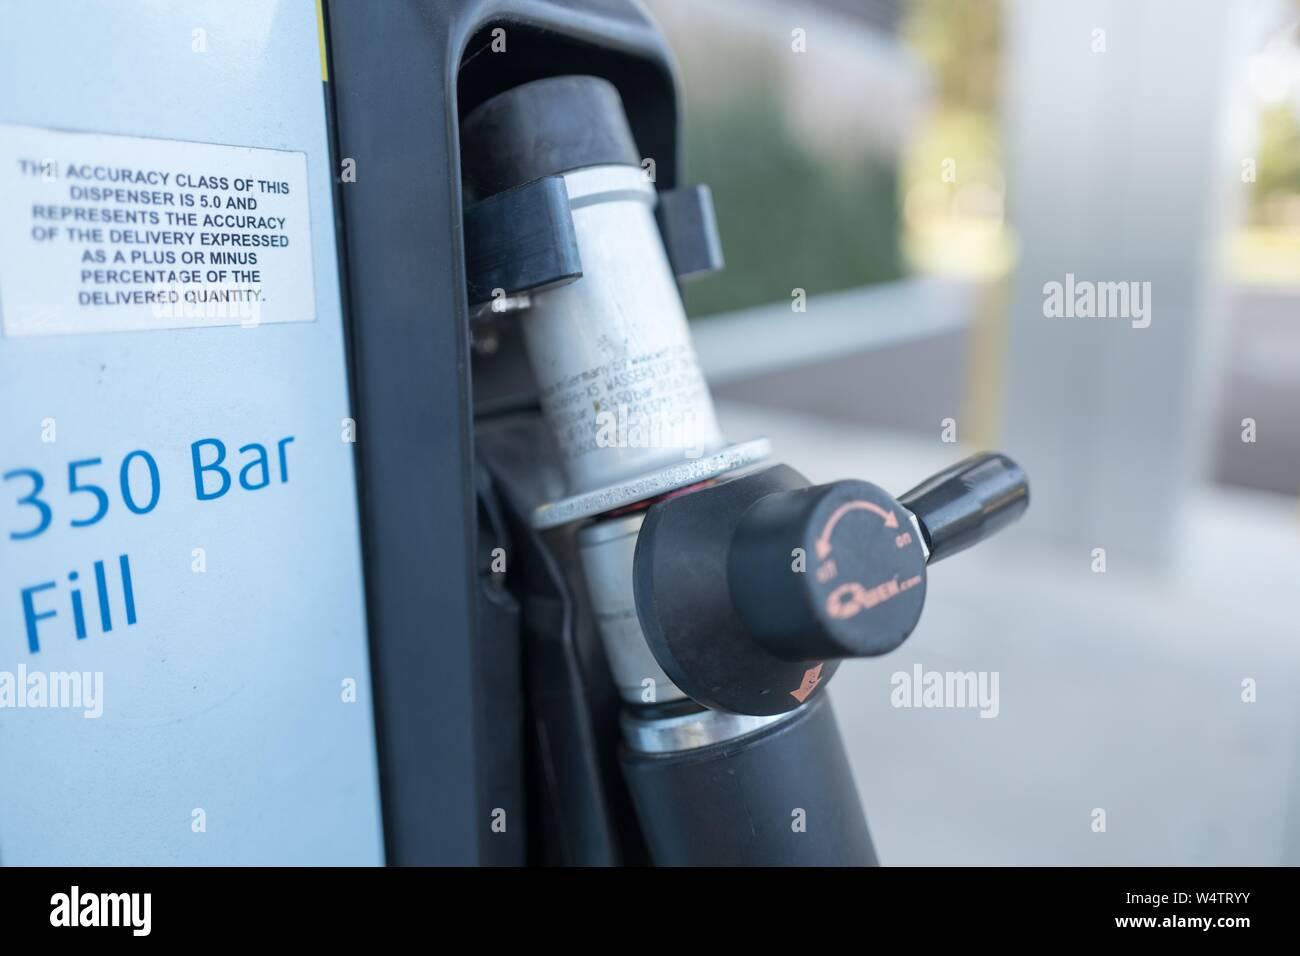 Close-up of pump apparatus at an experimental consumer